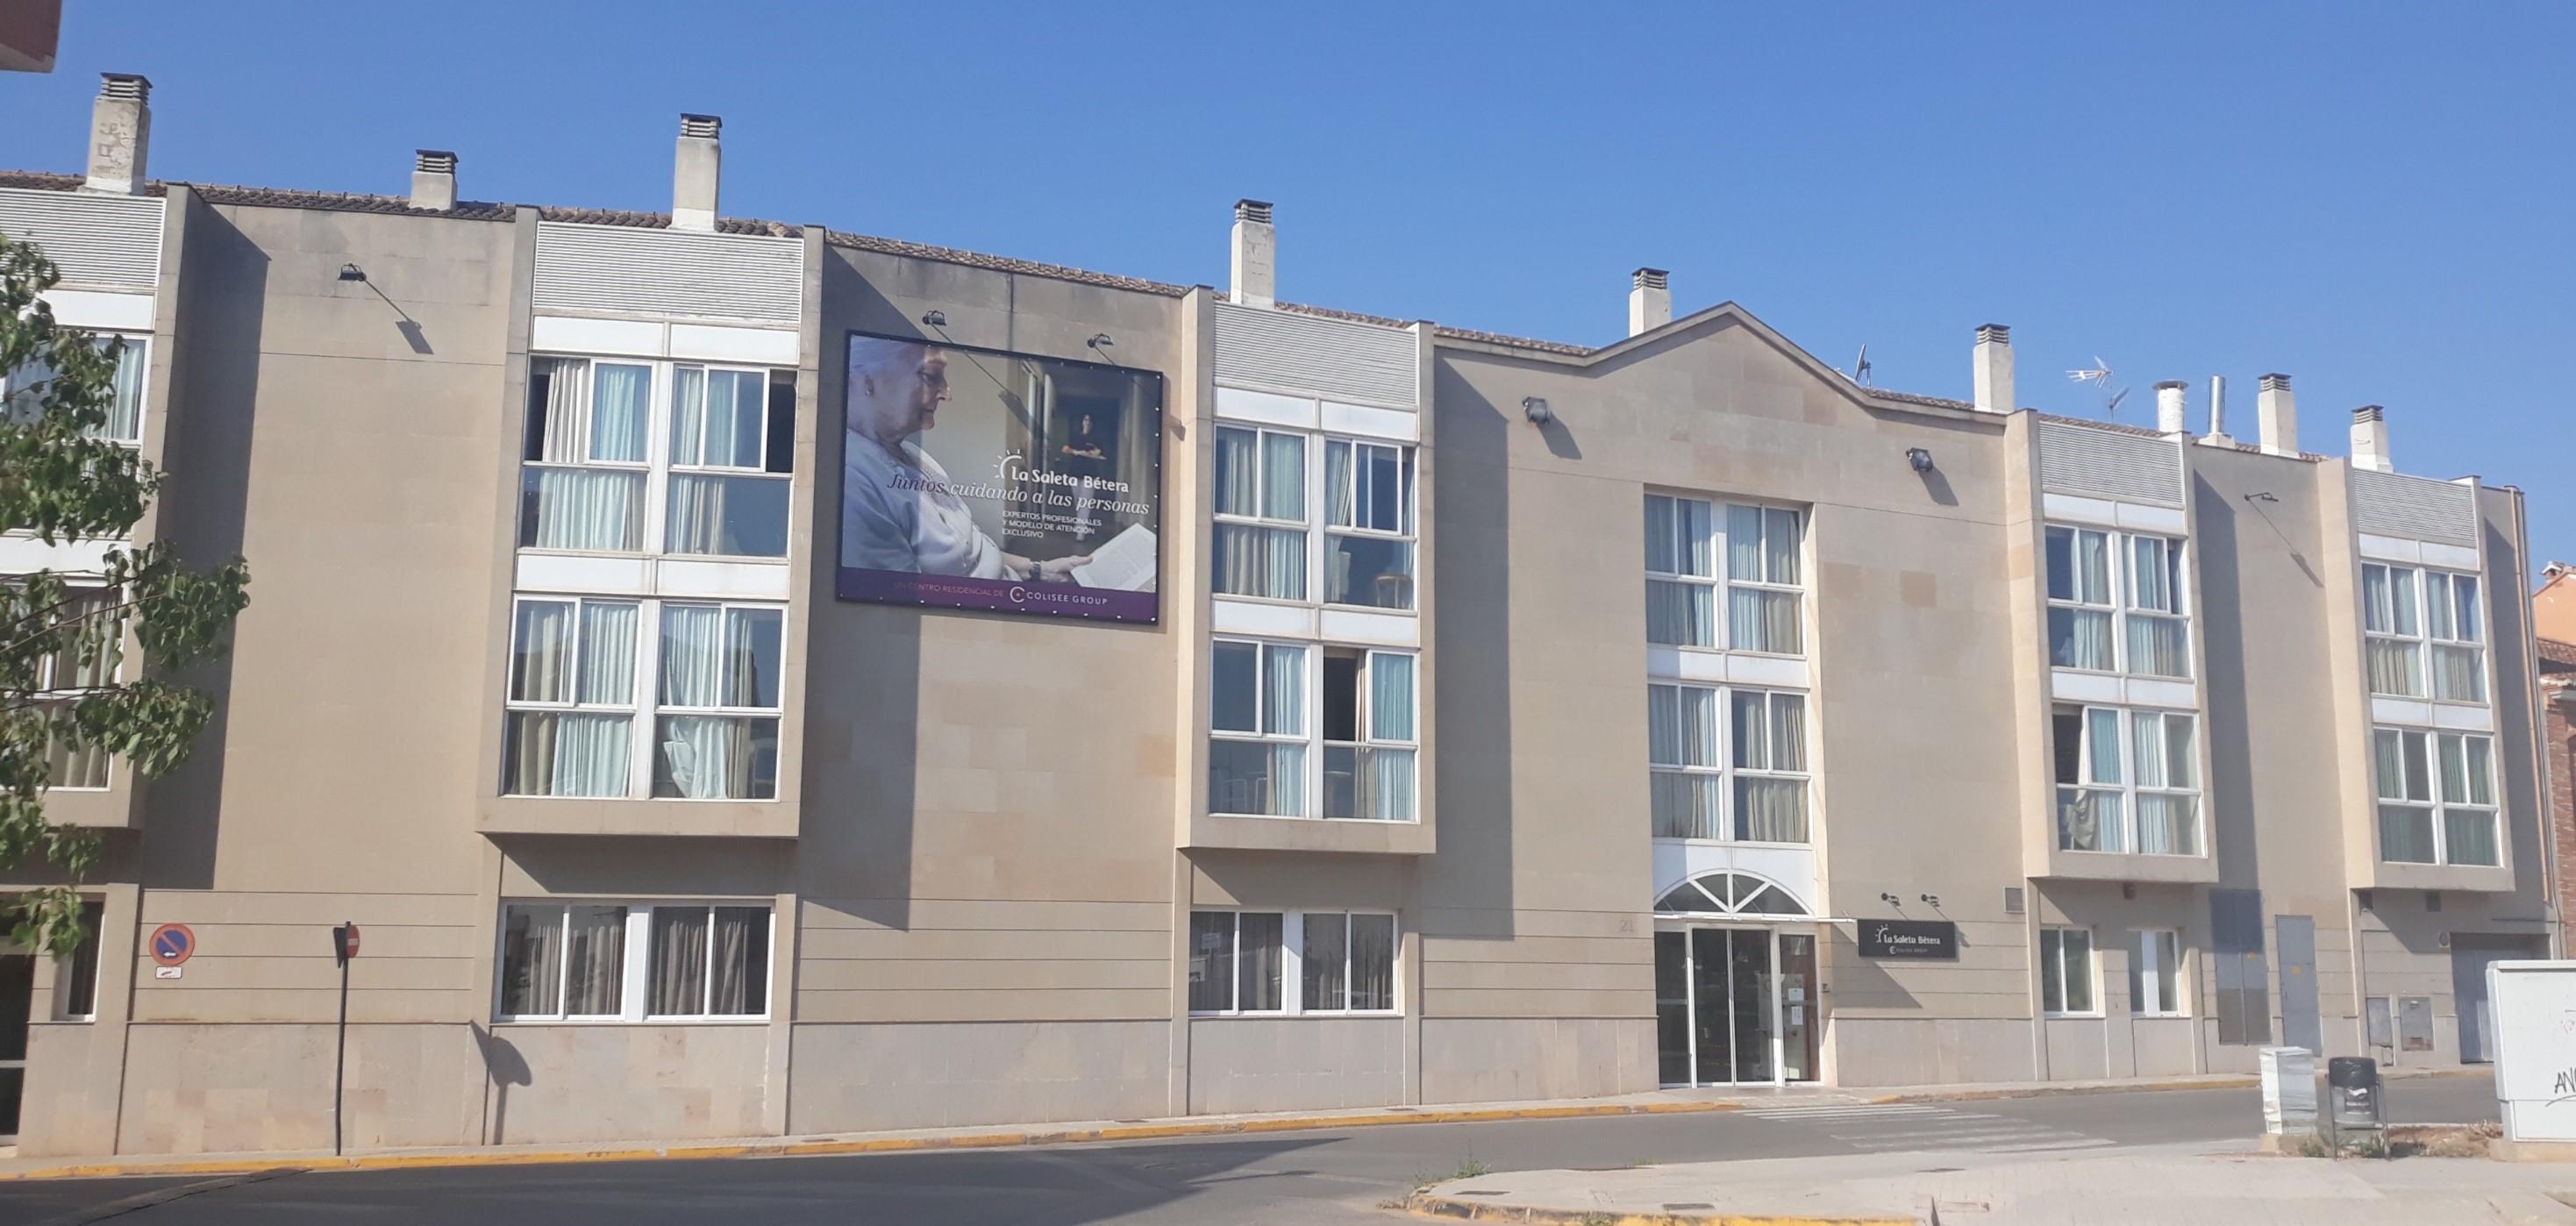 Residencia_La_Saleta_Bétera_Fachada